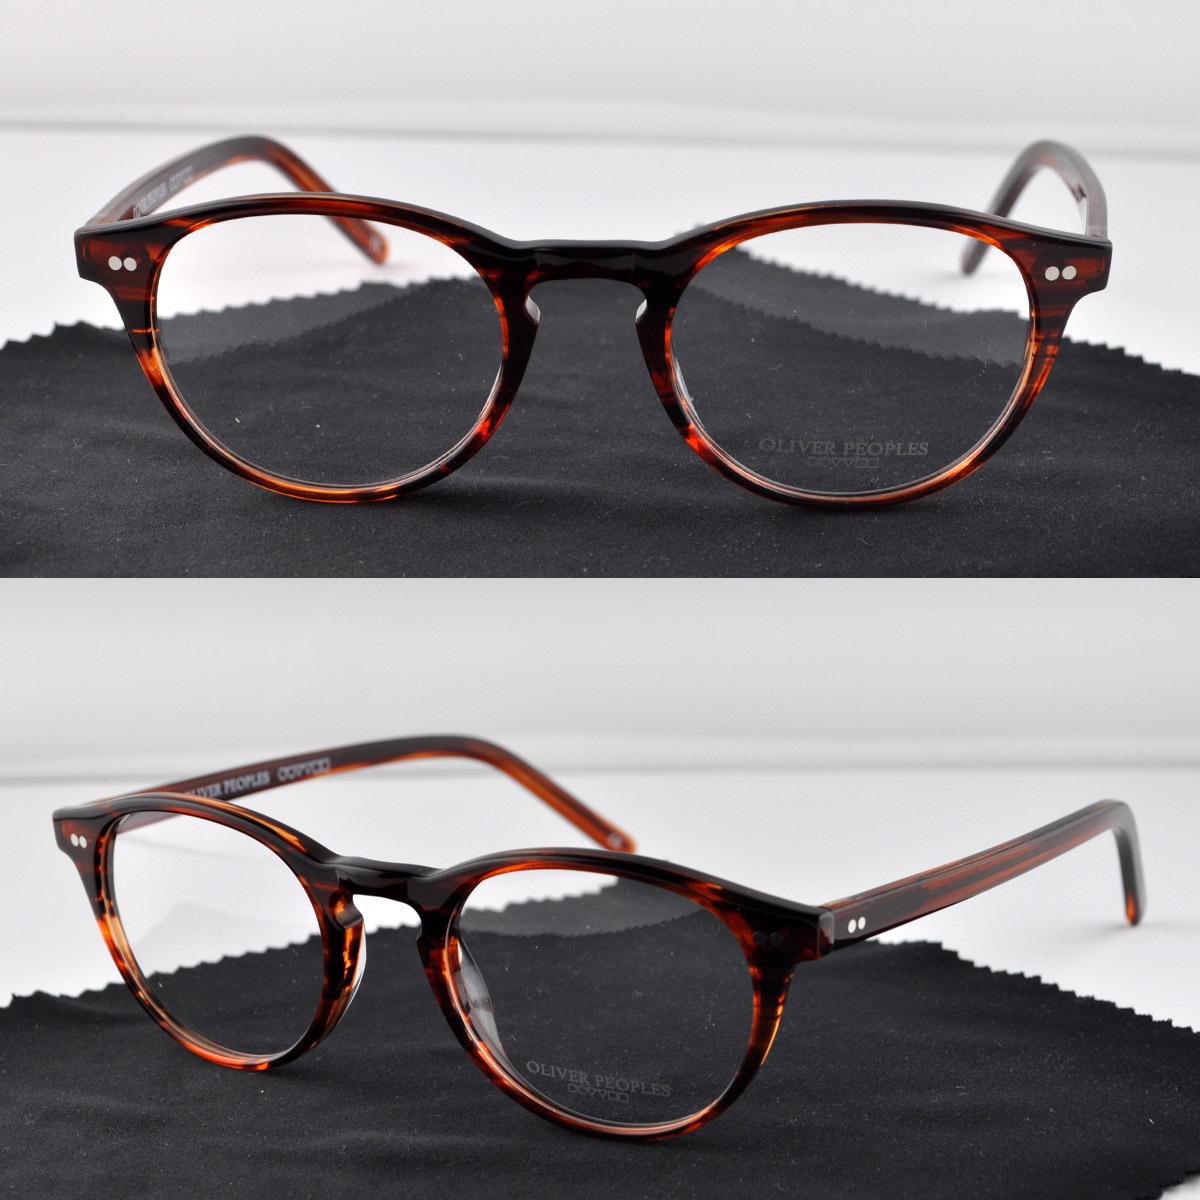 Oliver oliver peoples riley k small vintage eyeglasses ...